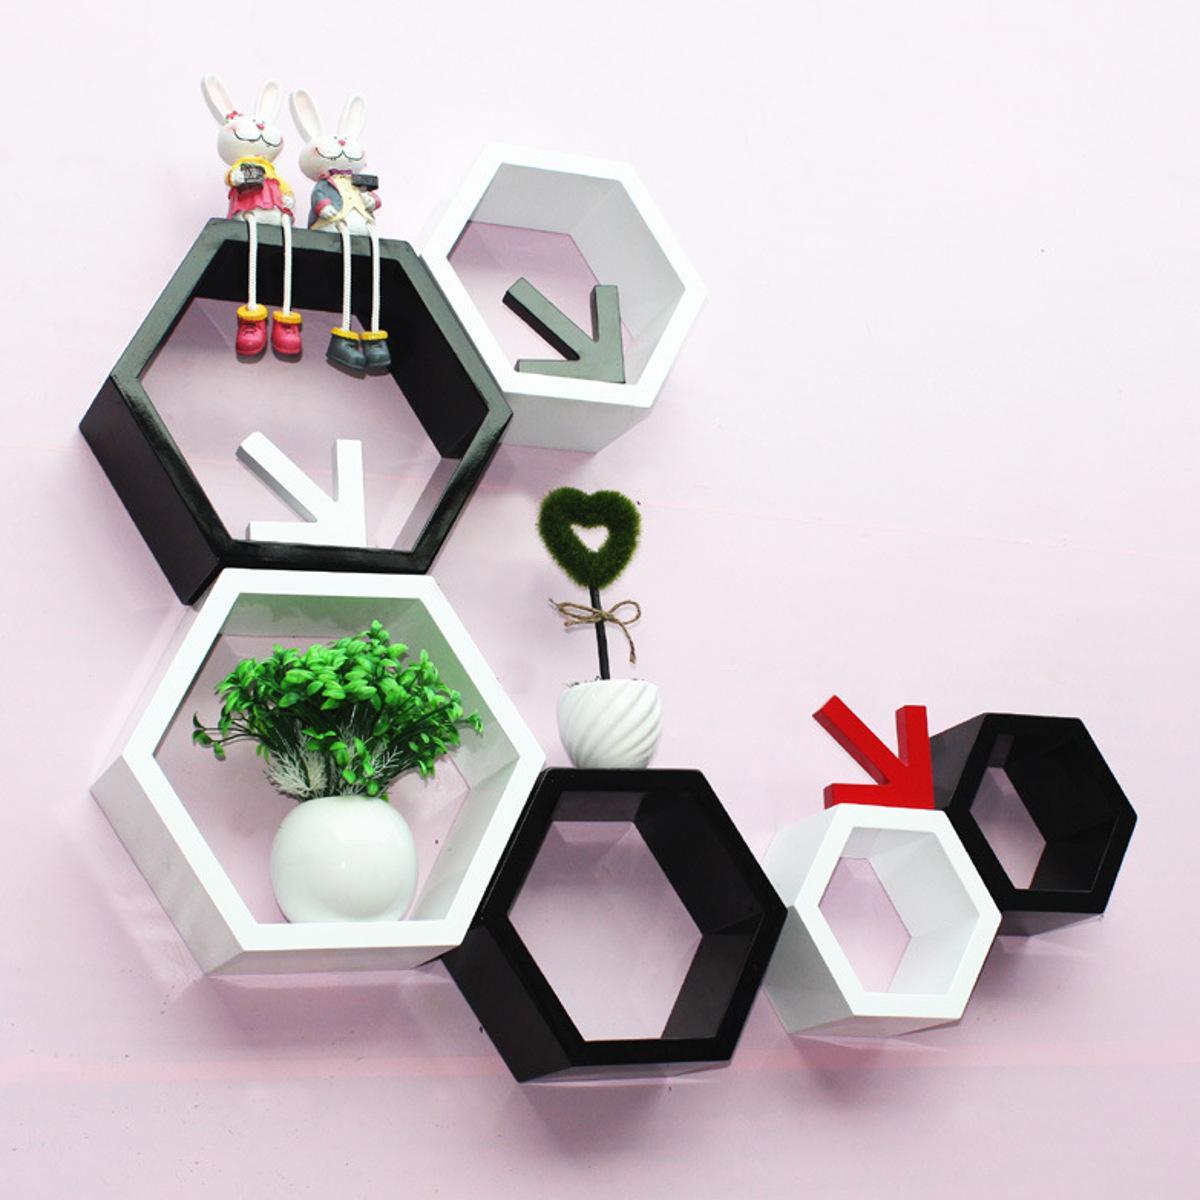 3Pcs / Set Hexagon Mensola scaffali galleggiante Wall Hanging figura geometrica casa Decorazione Camera Bookshelf bagagli Libro Kit T200320